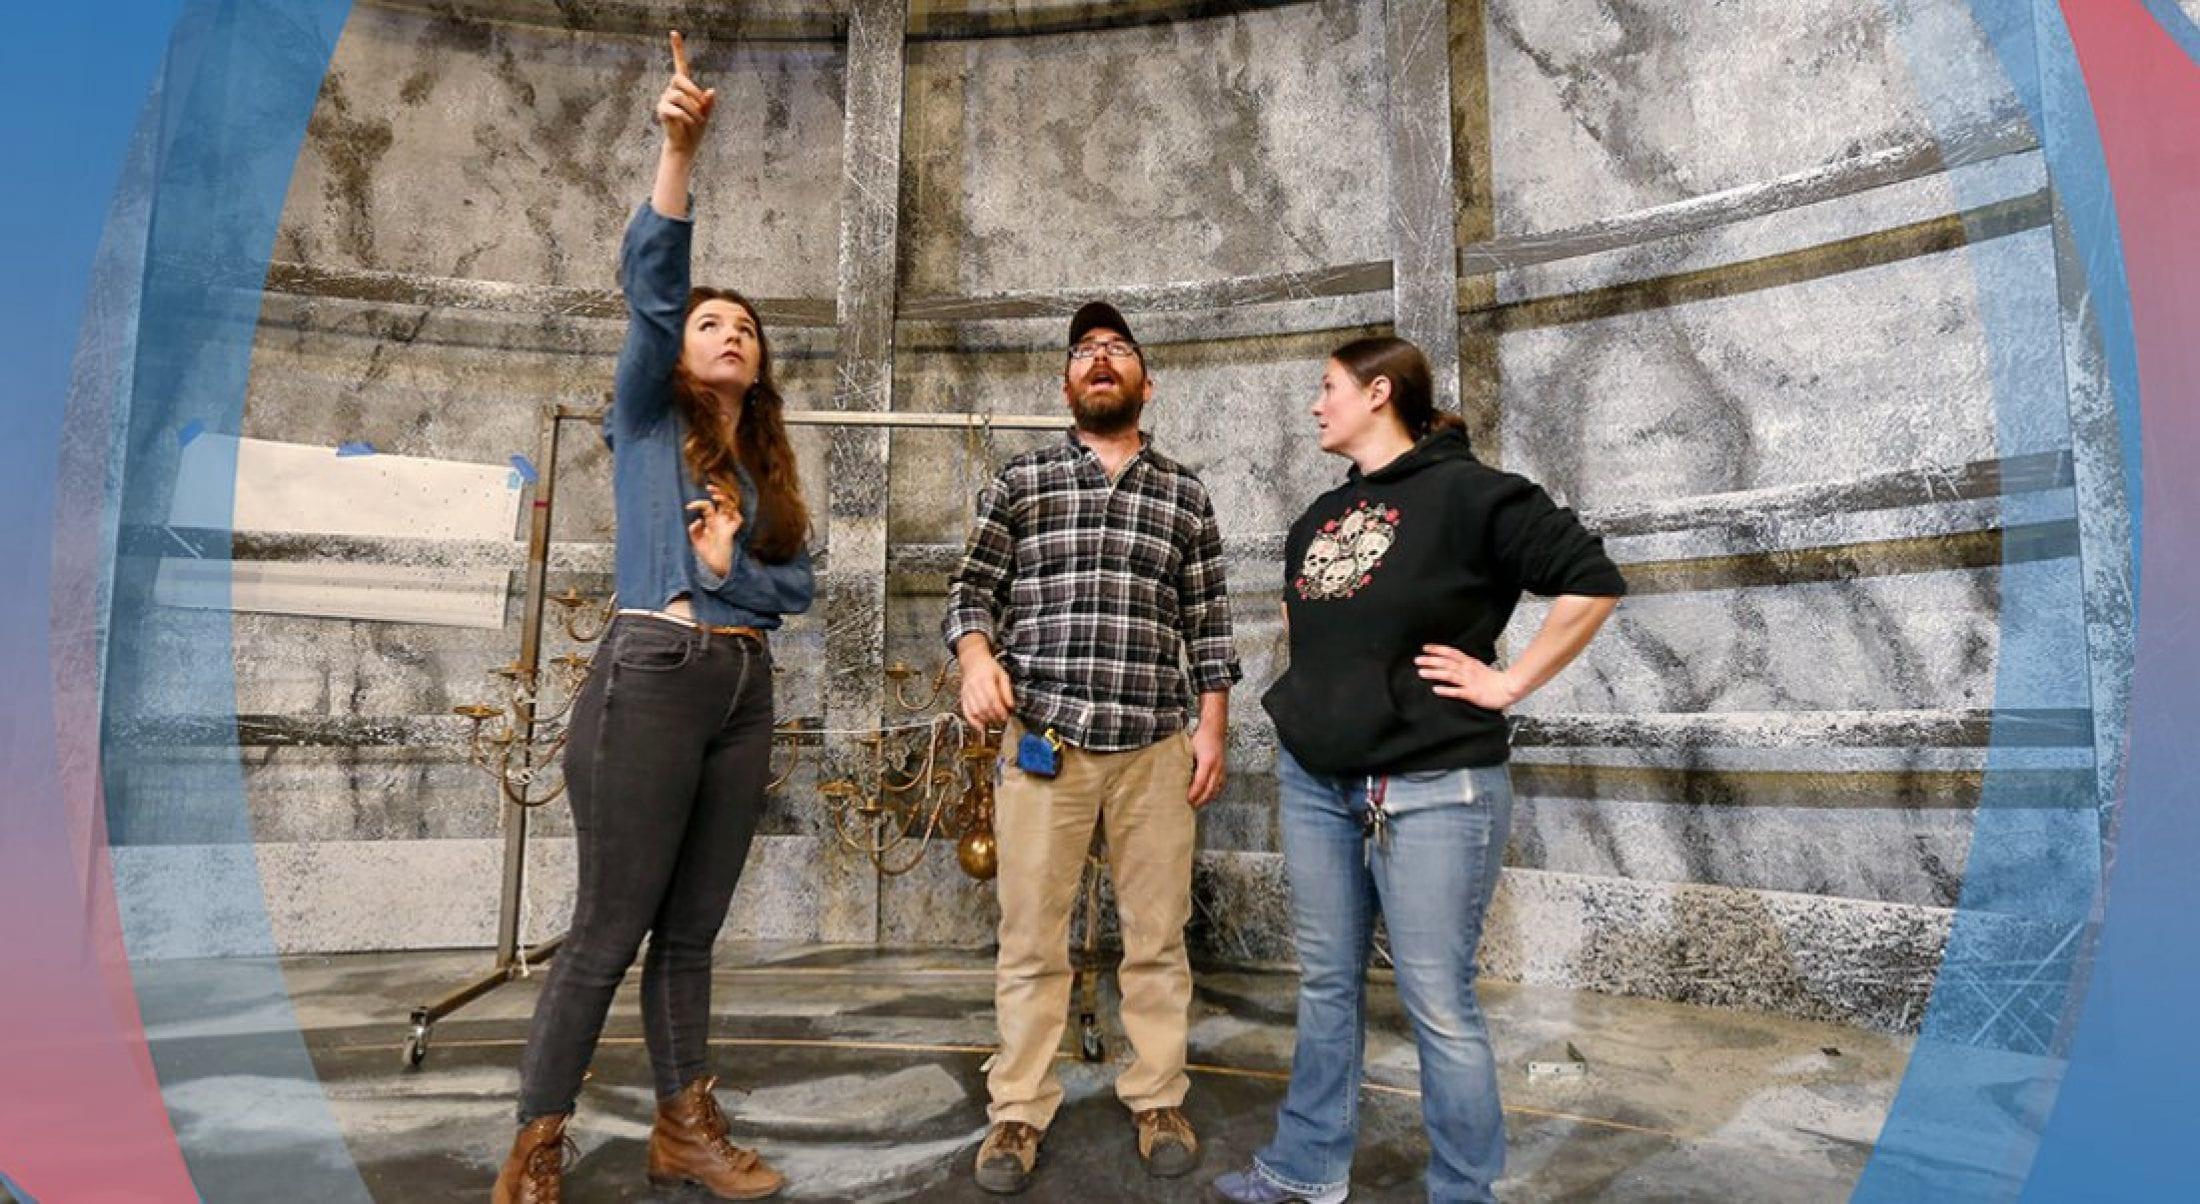 Graduate student Amelia Branksy designed the sets for Frankenstein.